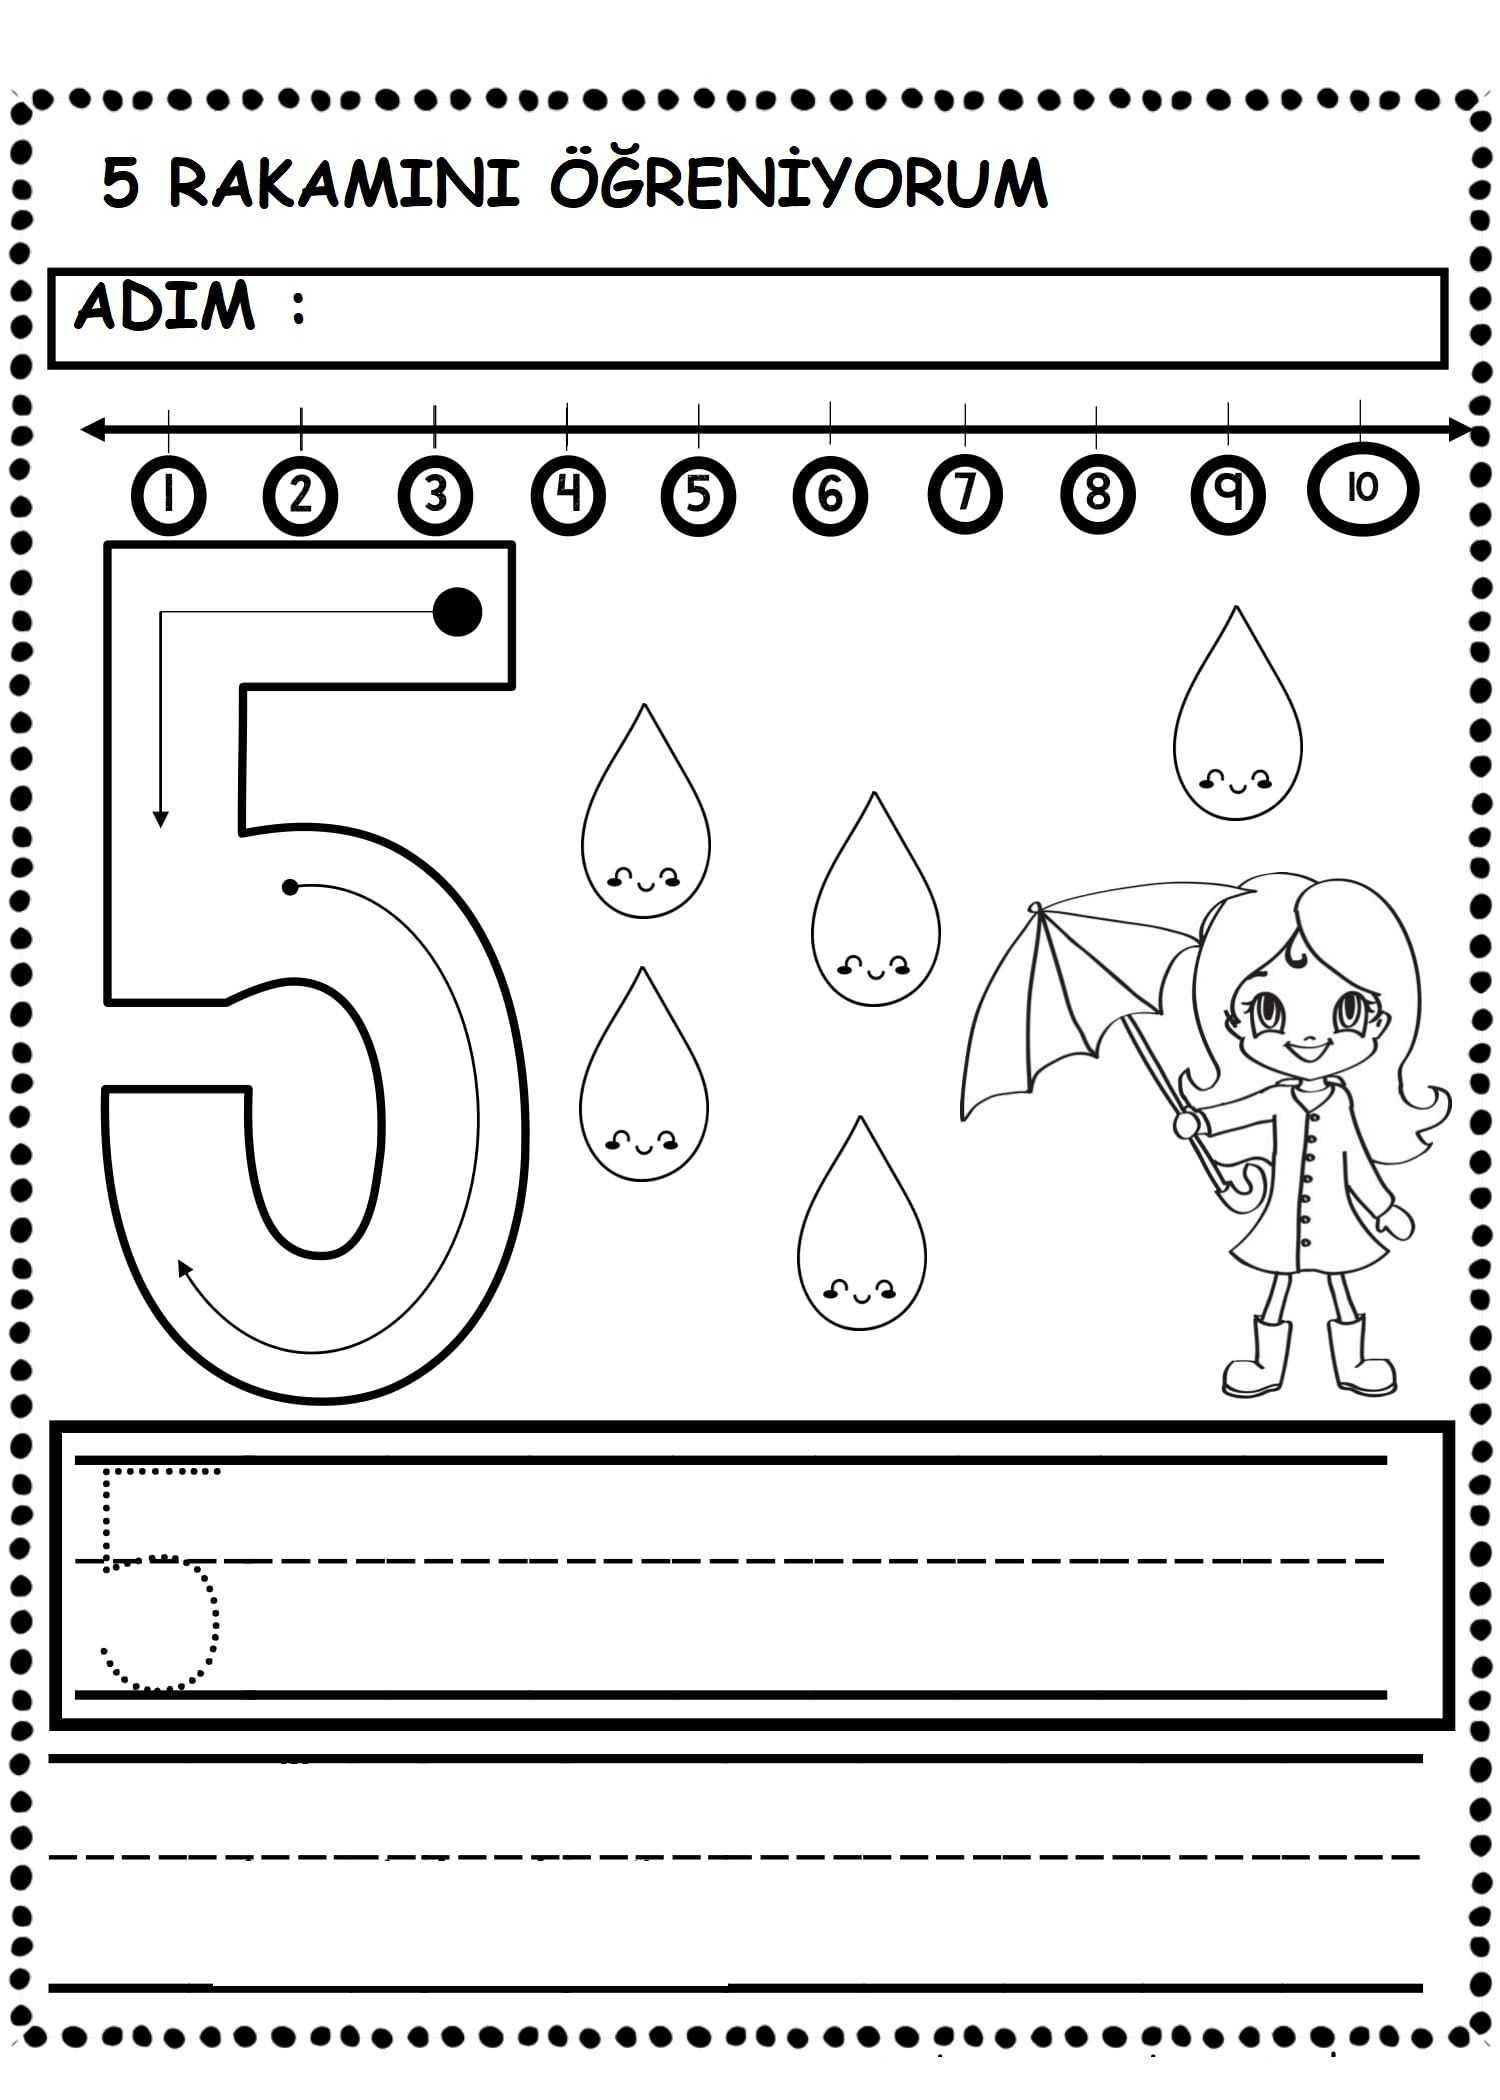 5 Rakami Calisma Sayfasi Okul Oncesi Etkinlik Faliyetleri